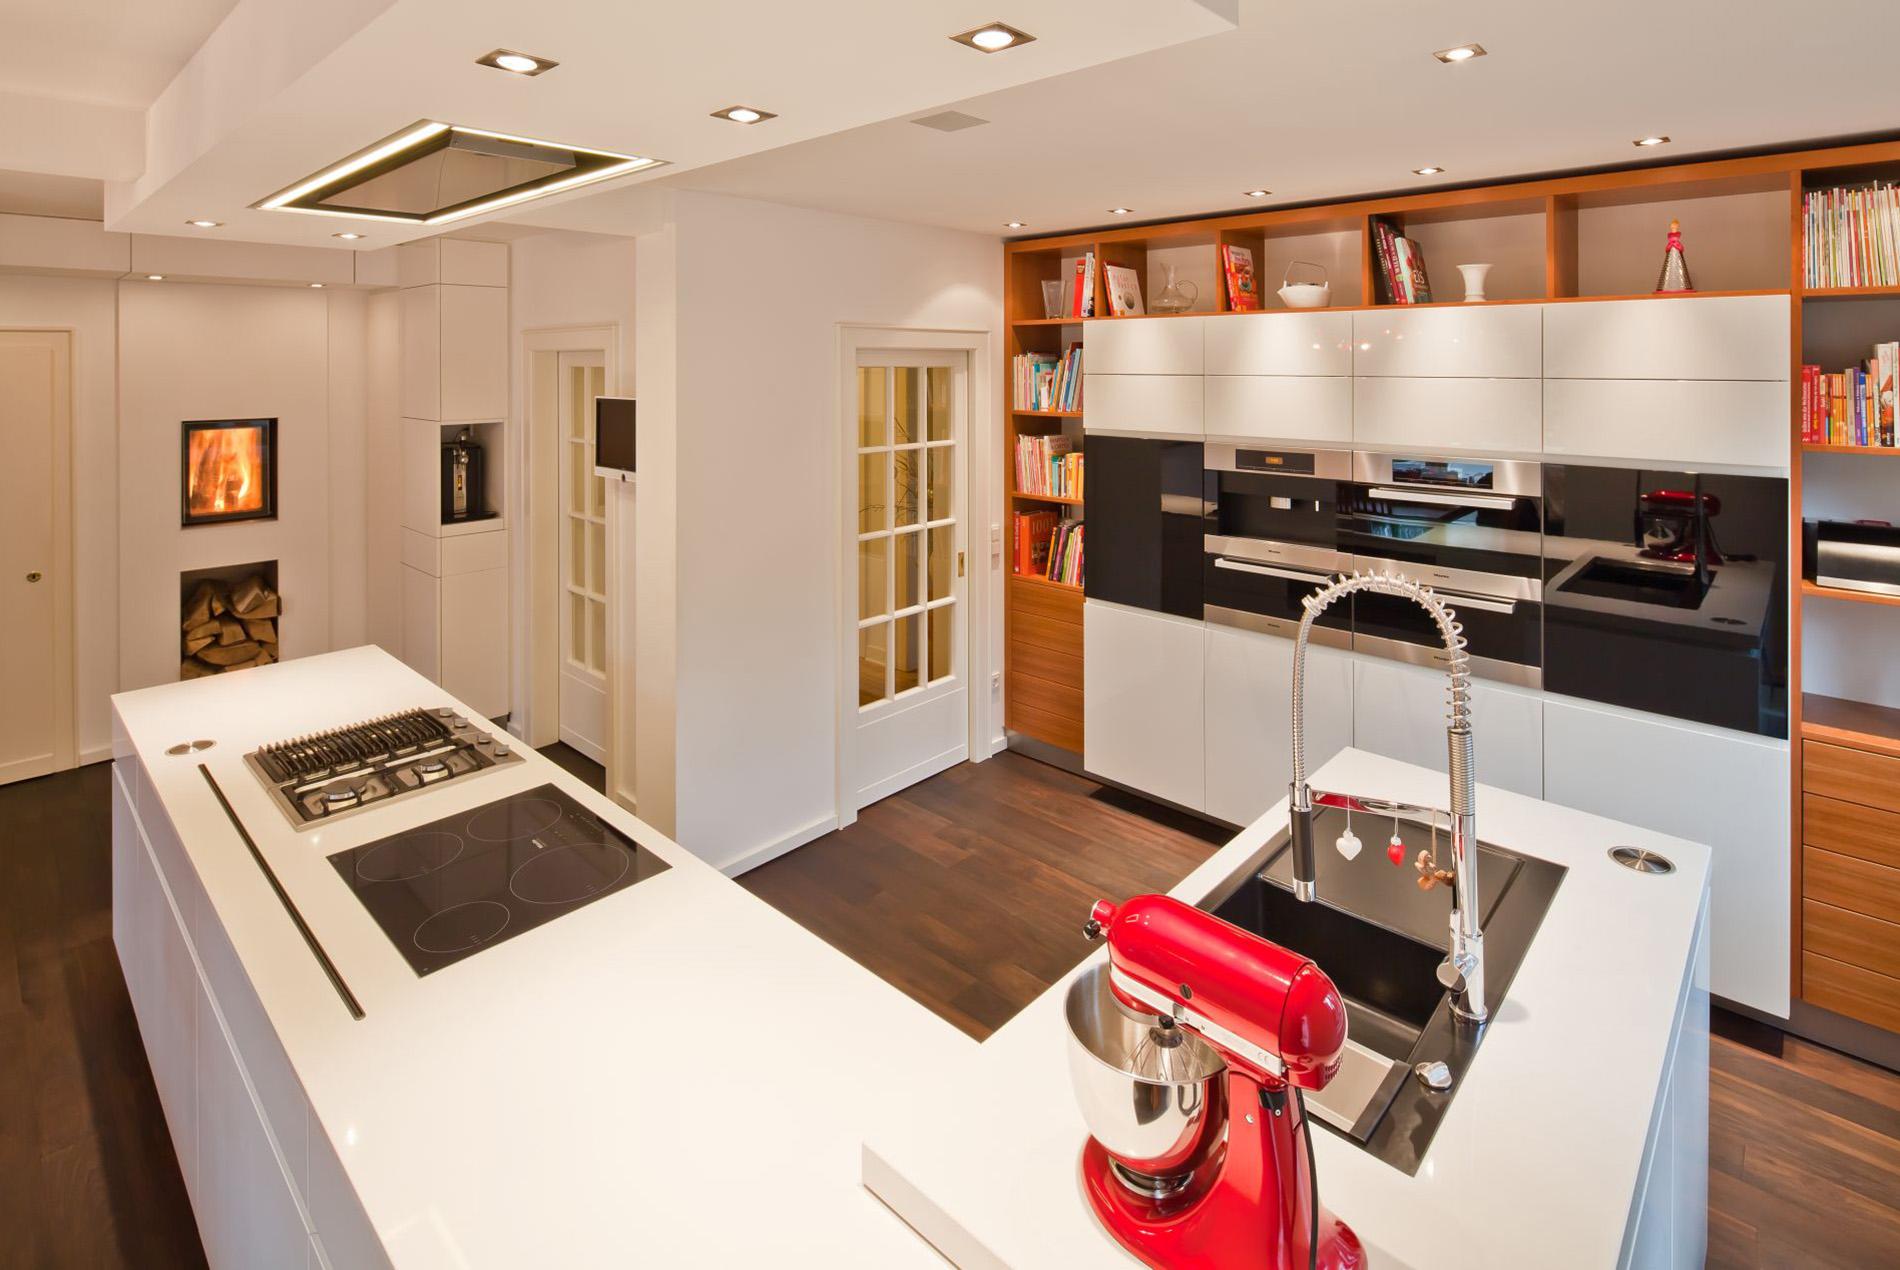 Offene Wohnküche mit allem Komfort - schöpker holz-wohn-form GmbH & Co